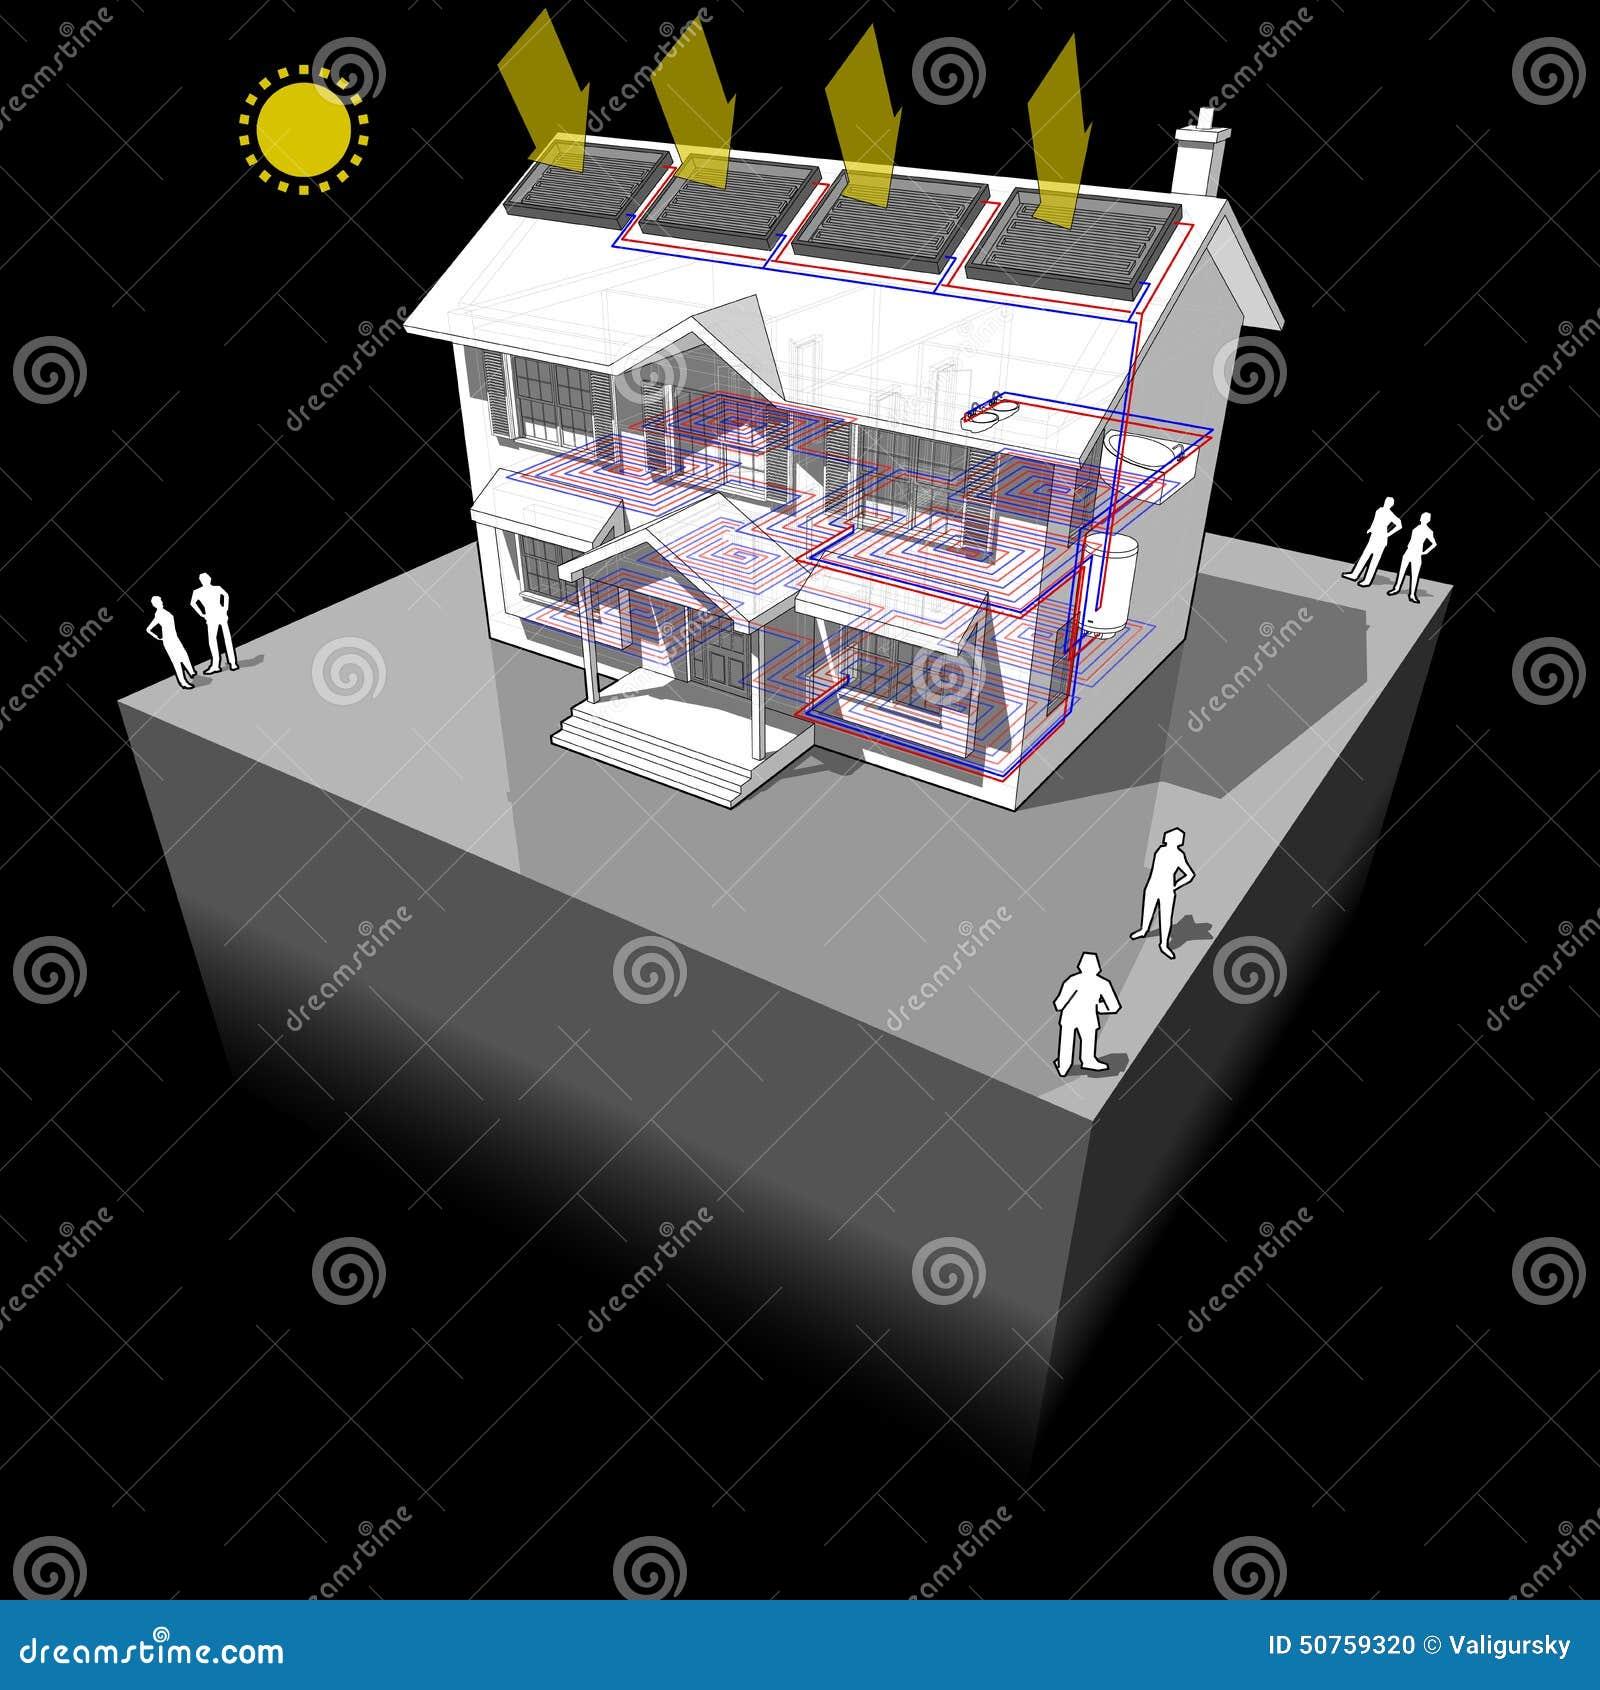 Diagramme Solaire De Chauffage De L U0026 39 Eau Heaters Floor